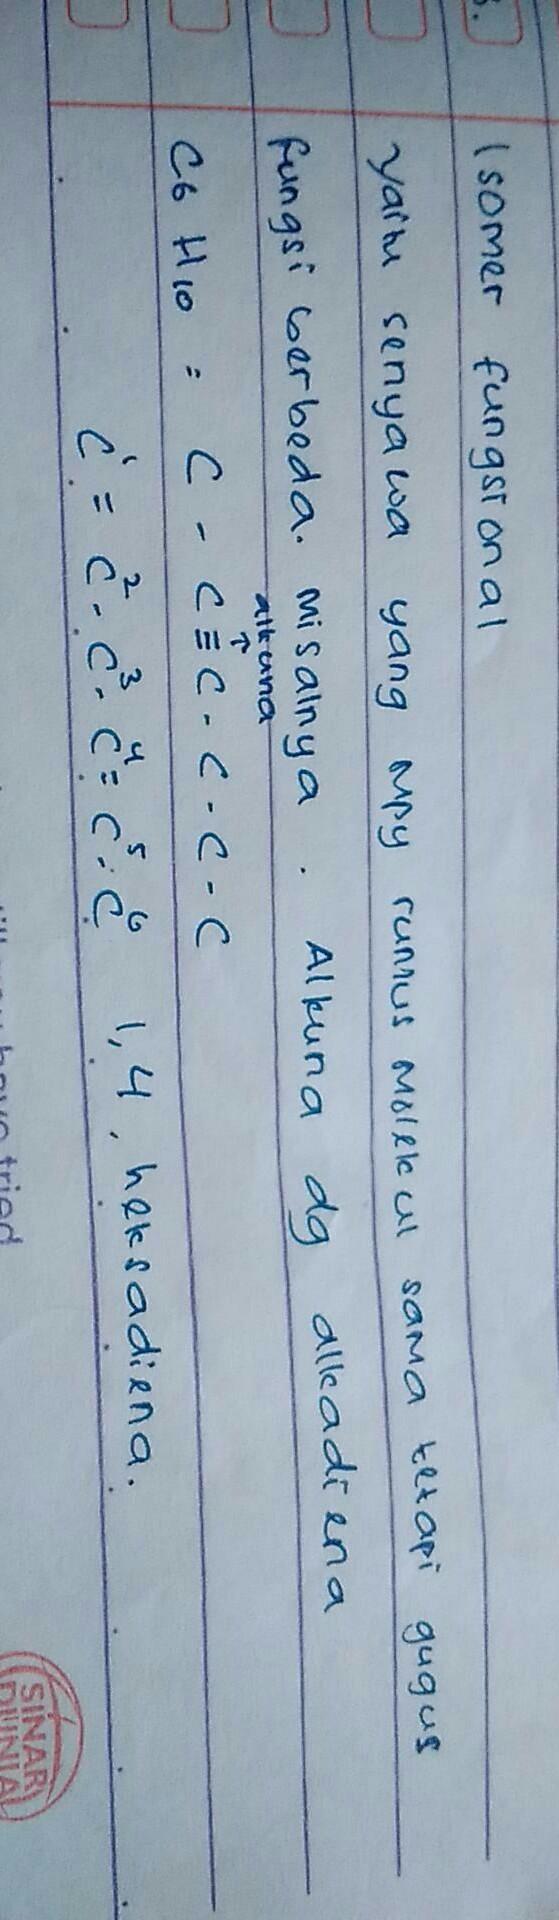 semua isomer dari C6H10 dan namanya - Brainly.co.id